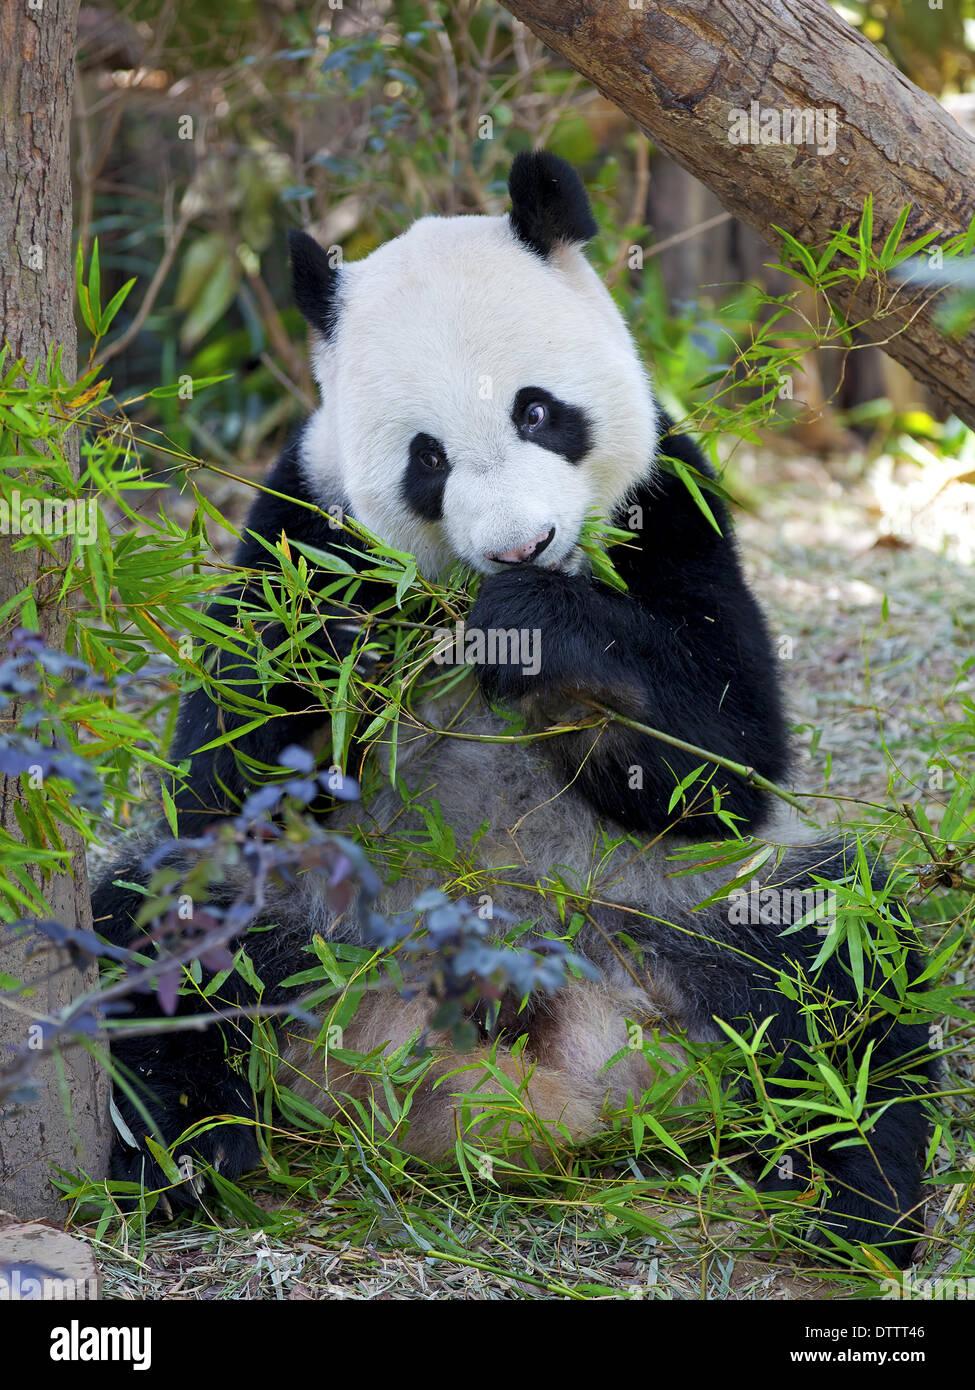 Giant Panda - Stock Image